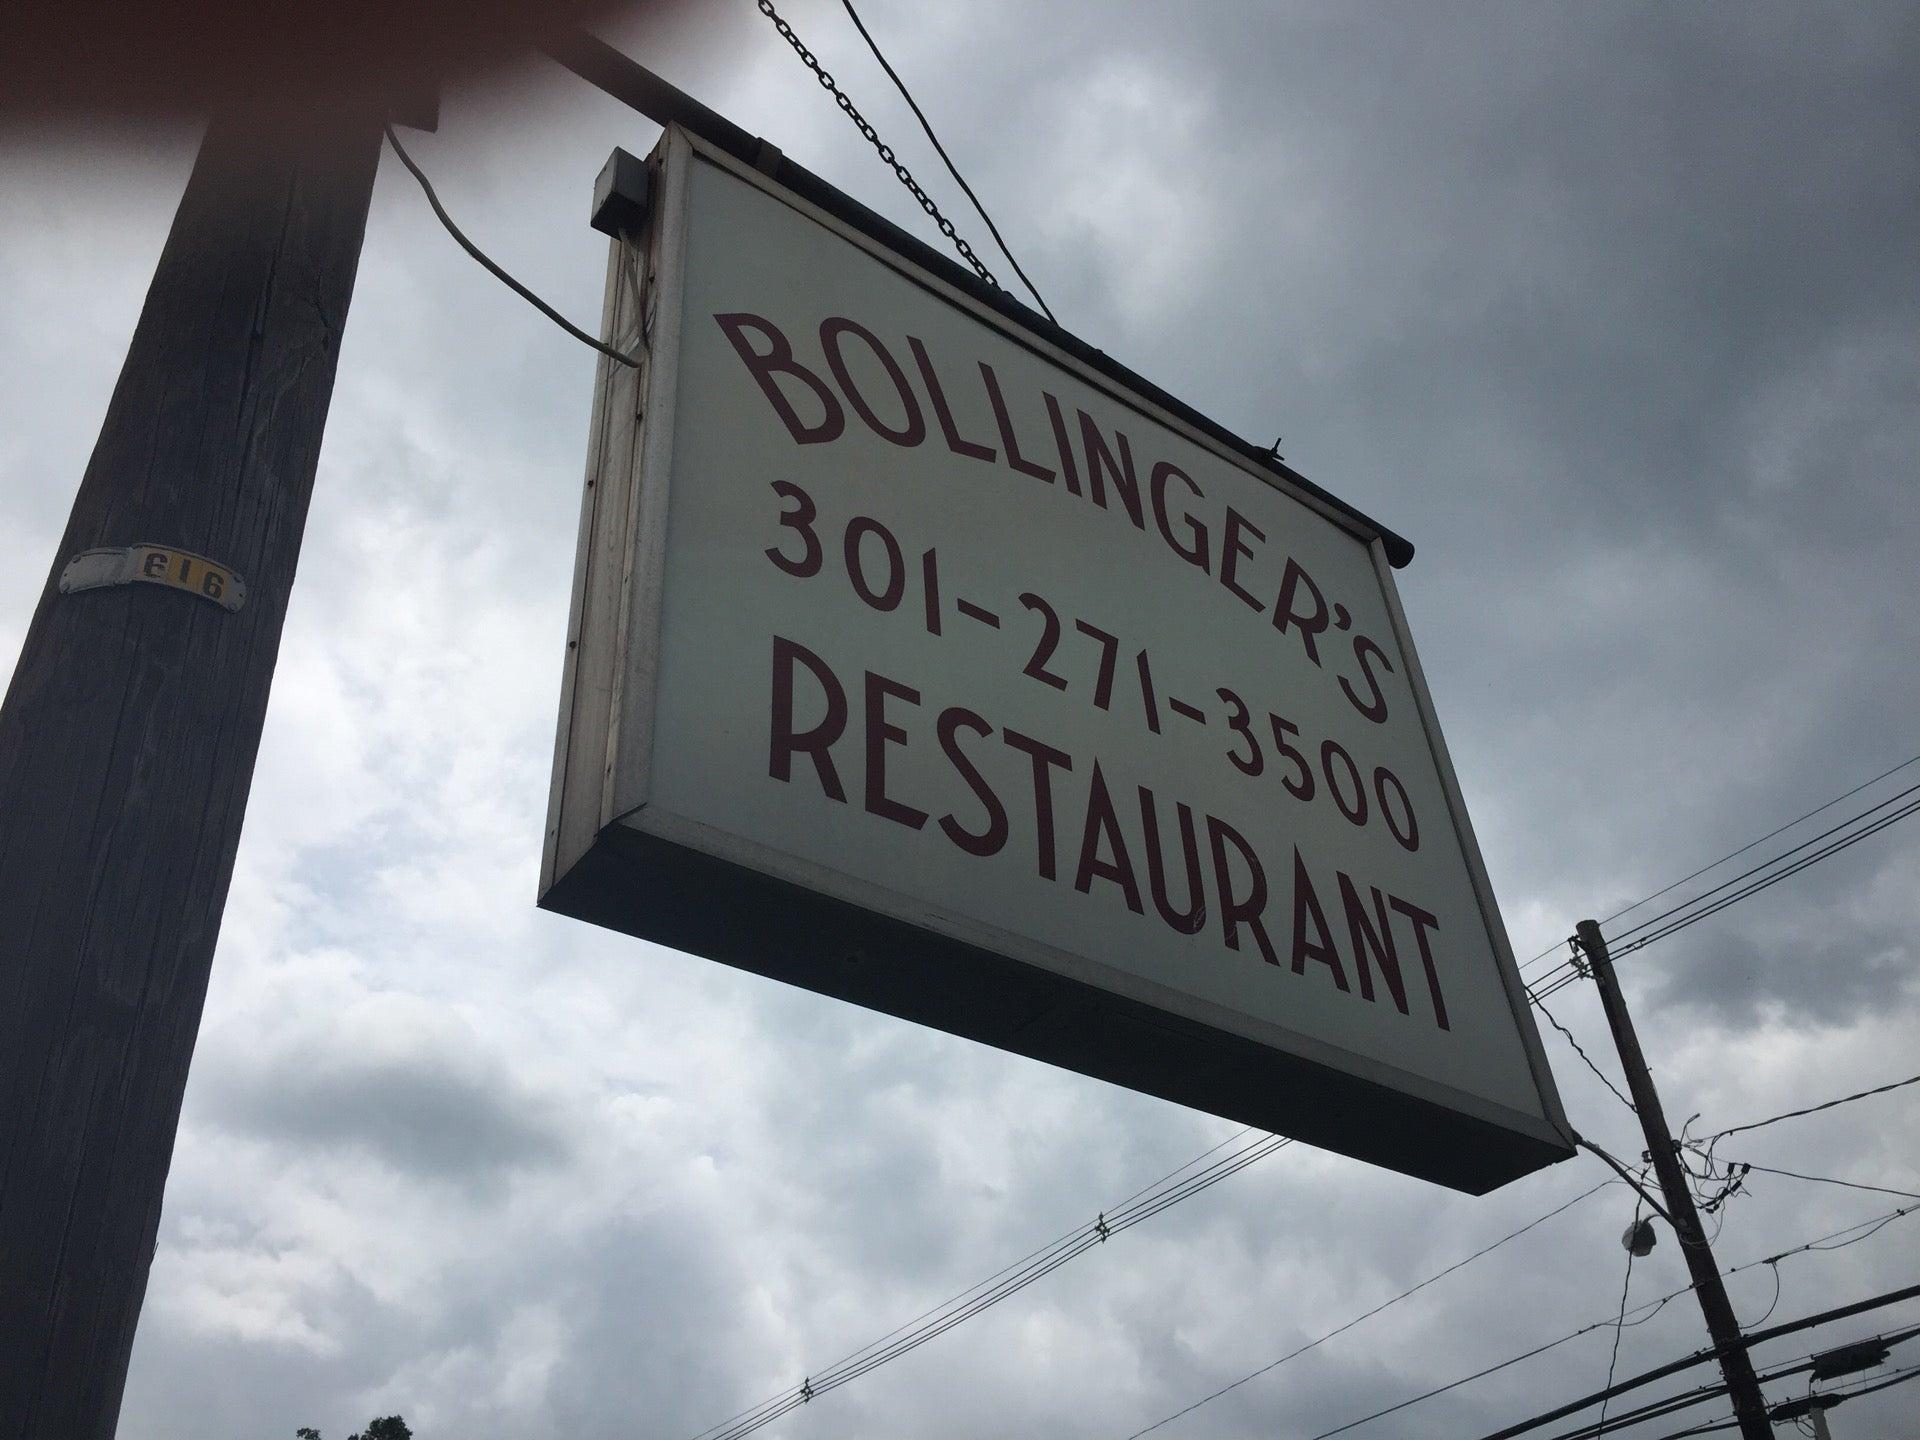 Bollinger's Restaurant,